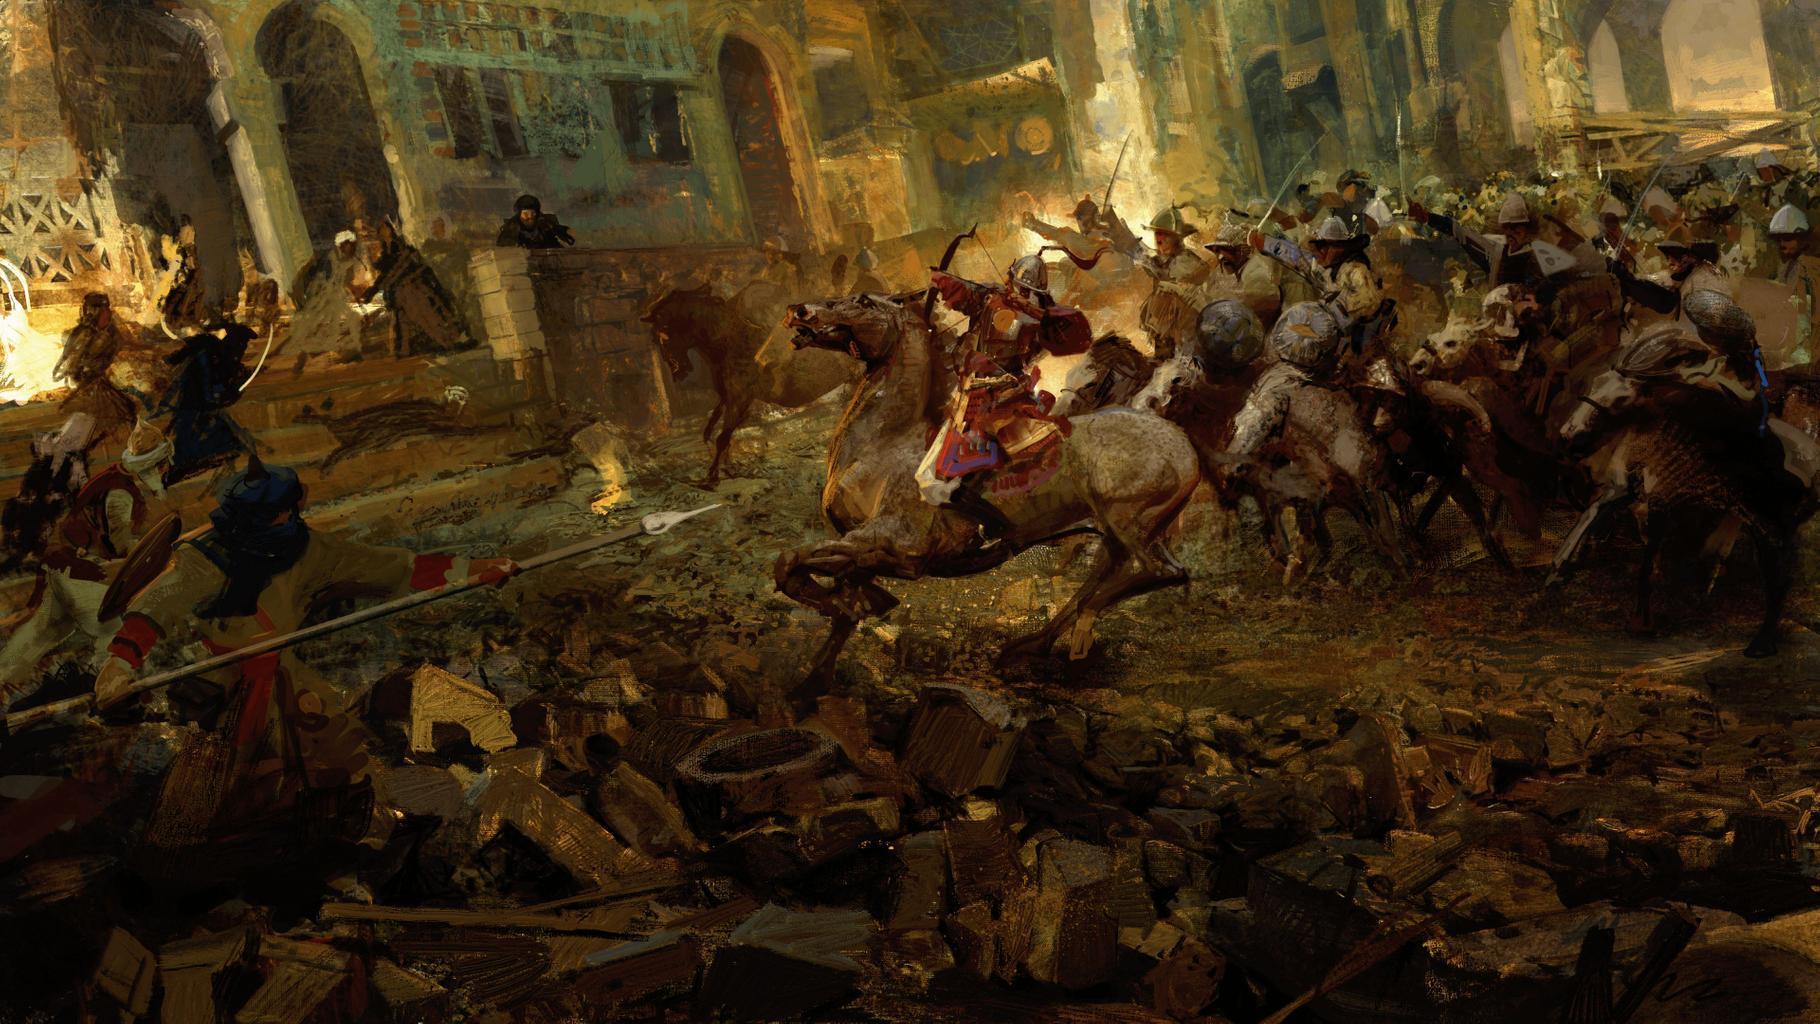 Экраны загрузки как искусство - в Crusader Kings III можно увидеть впечатляющие картины